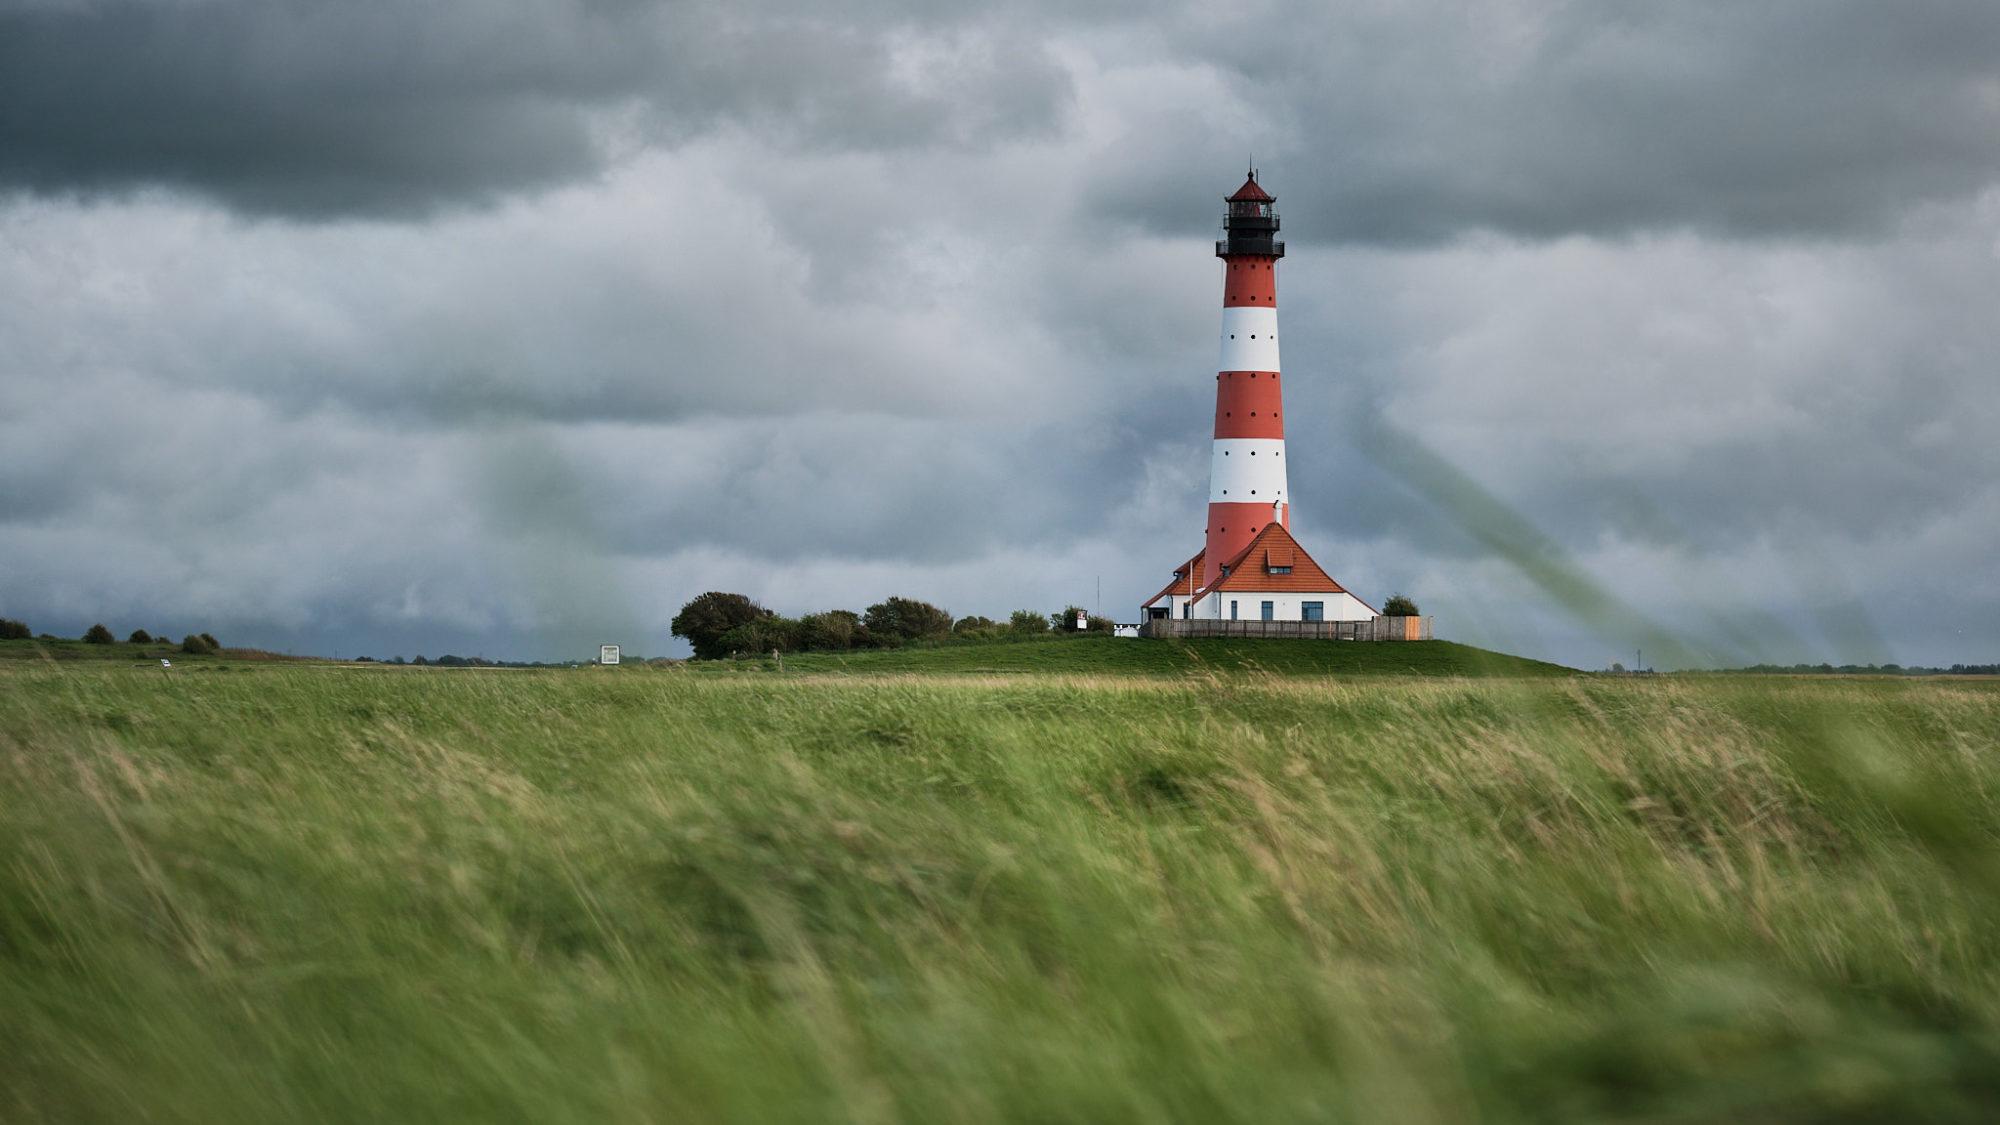 Dramatischer Himmel am Leuchtturm Westerheversand